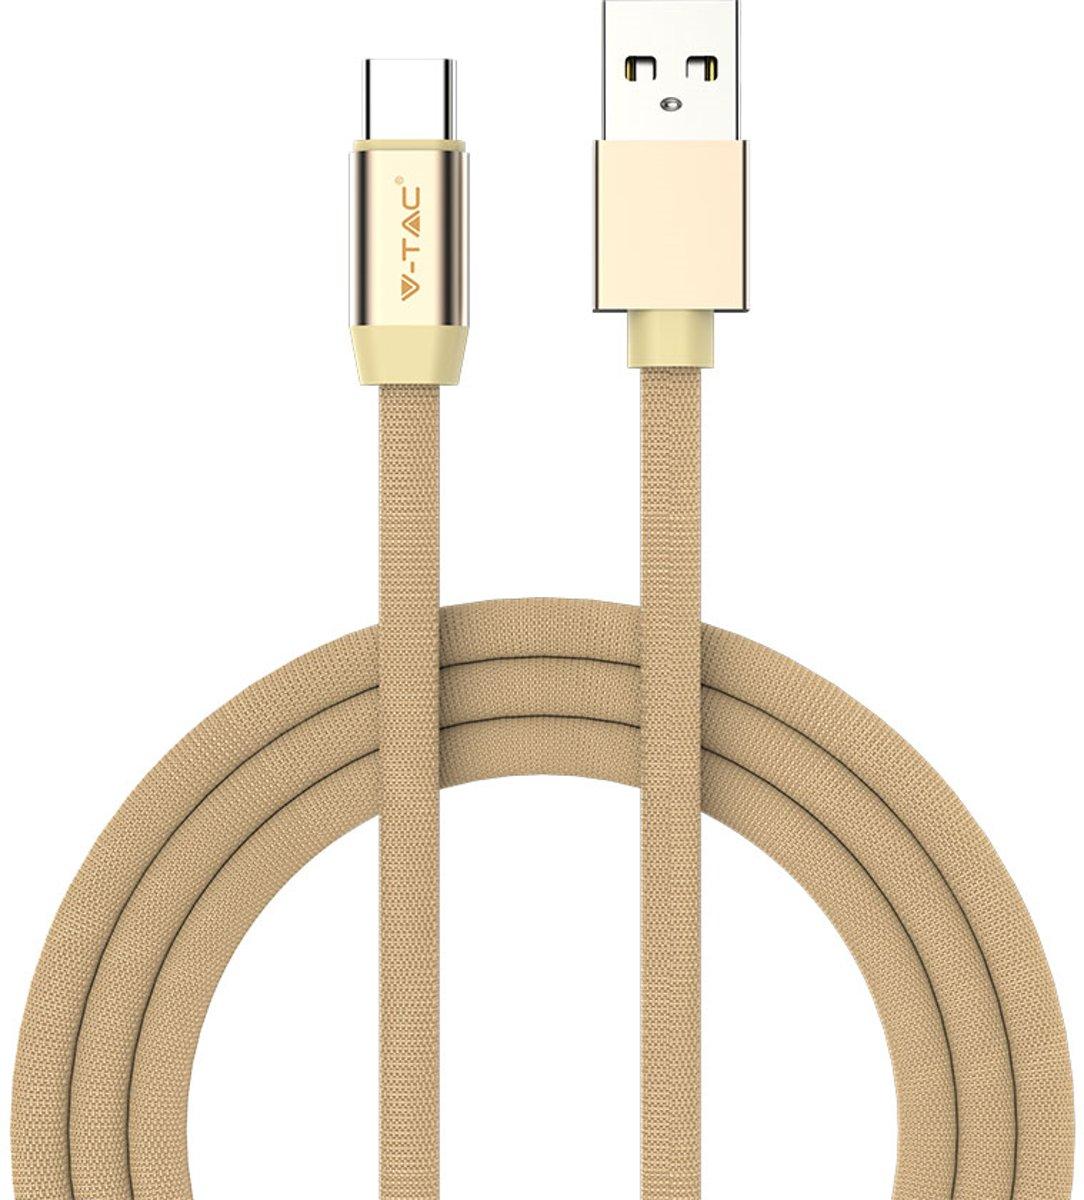 V-tac VT-5342 Type-C naar USB gevlochten kabel - 2.4A snel laden - 1 meter - goud